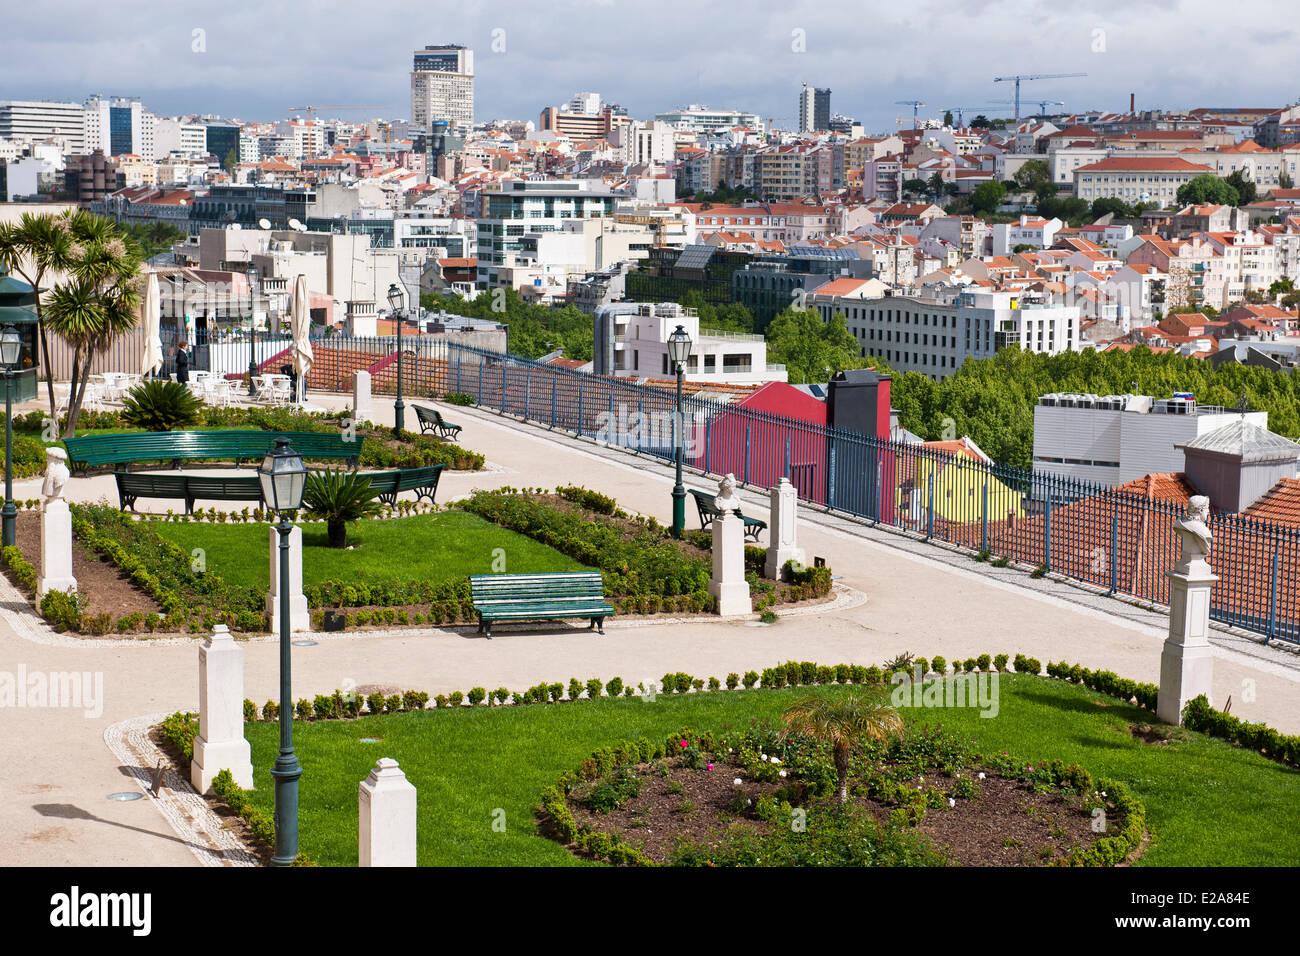 Portugal, Lisbon, the viewpoint Sao Pedro de Alcantara - Stock Image